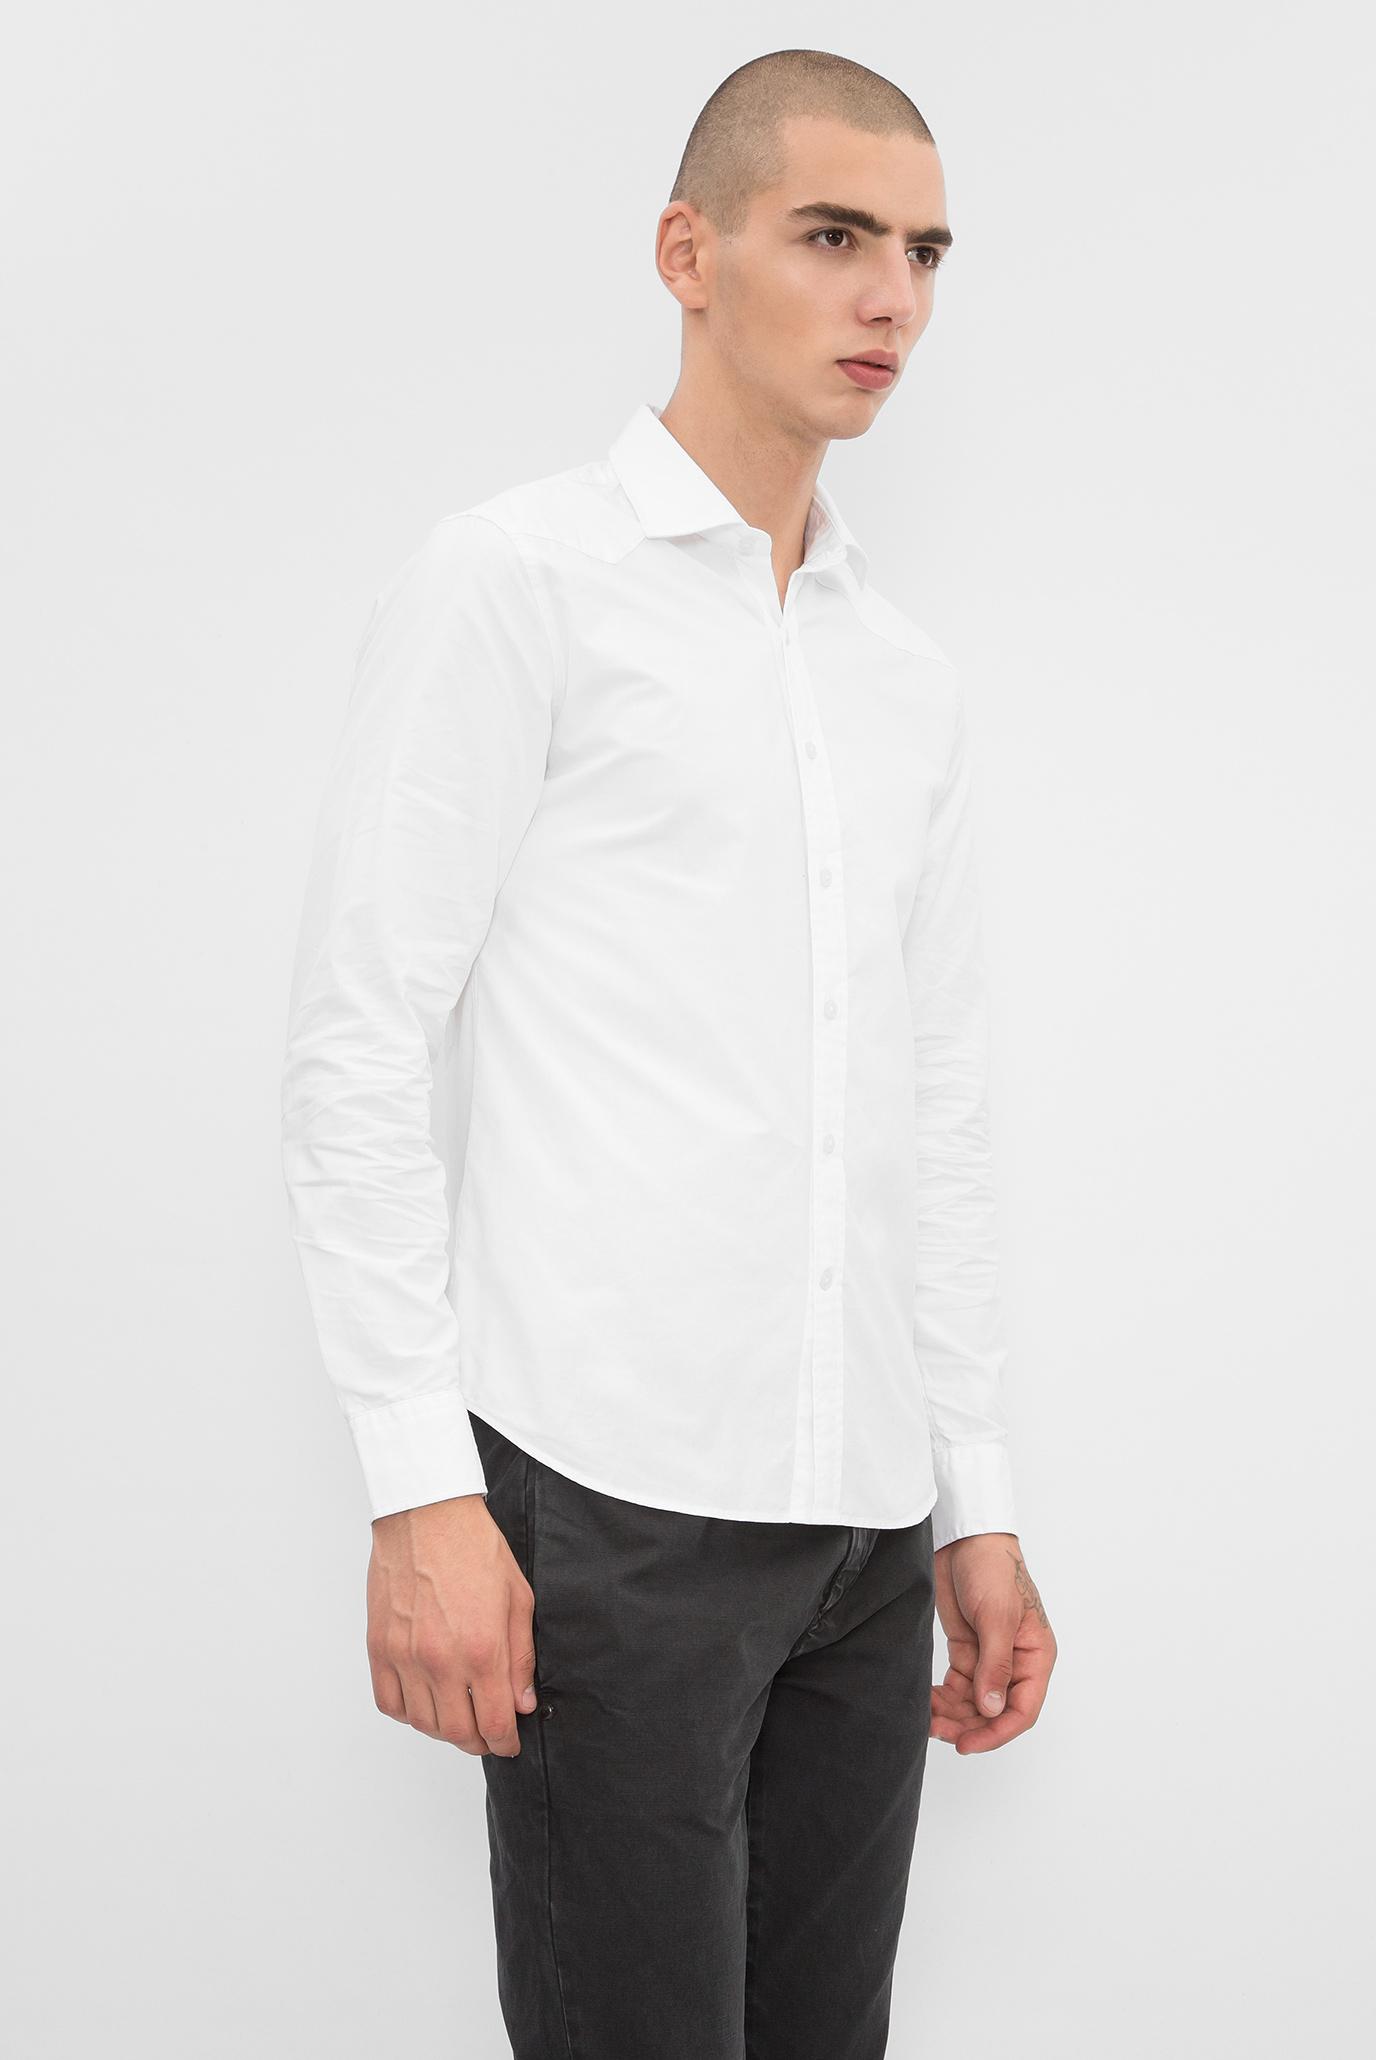 88caa0cfdec6354 Купить Мужская белая рубашка Replay Replay M4908A.000.51896 – Киев, Украина.  Цены в интернет магазине MD Fashion